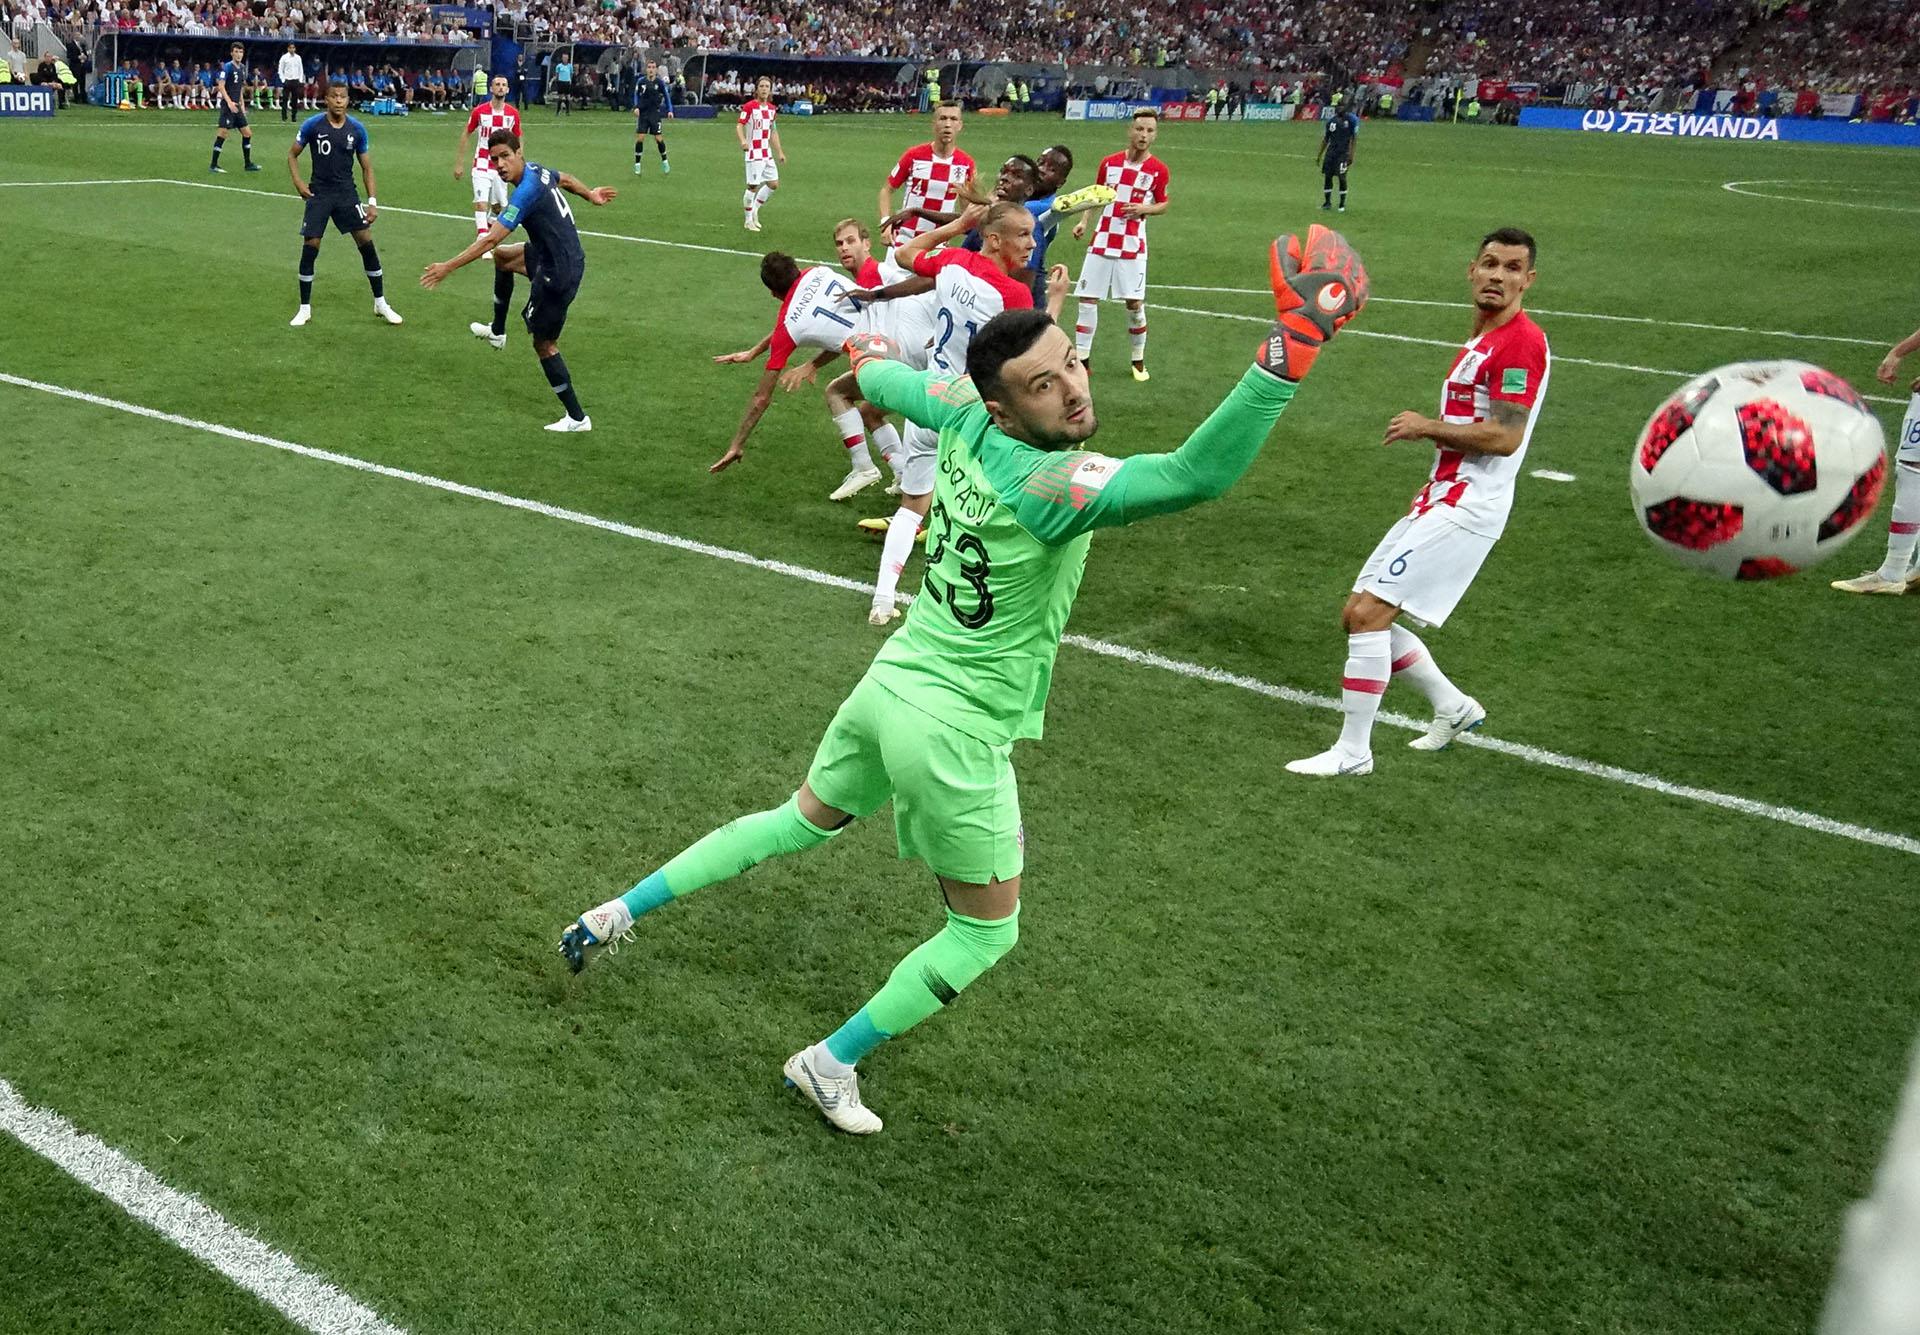 El instante en el que la pelota ingresa en el arco de Croacia tras el desvío de Mandzukic: Francia 1-0 en la final